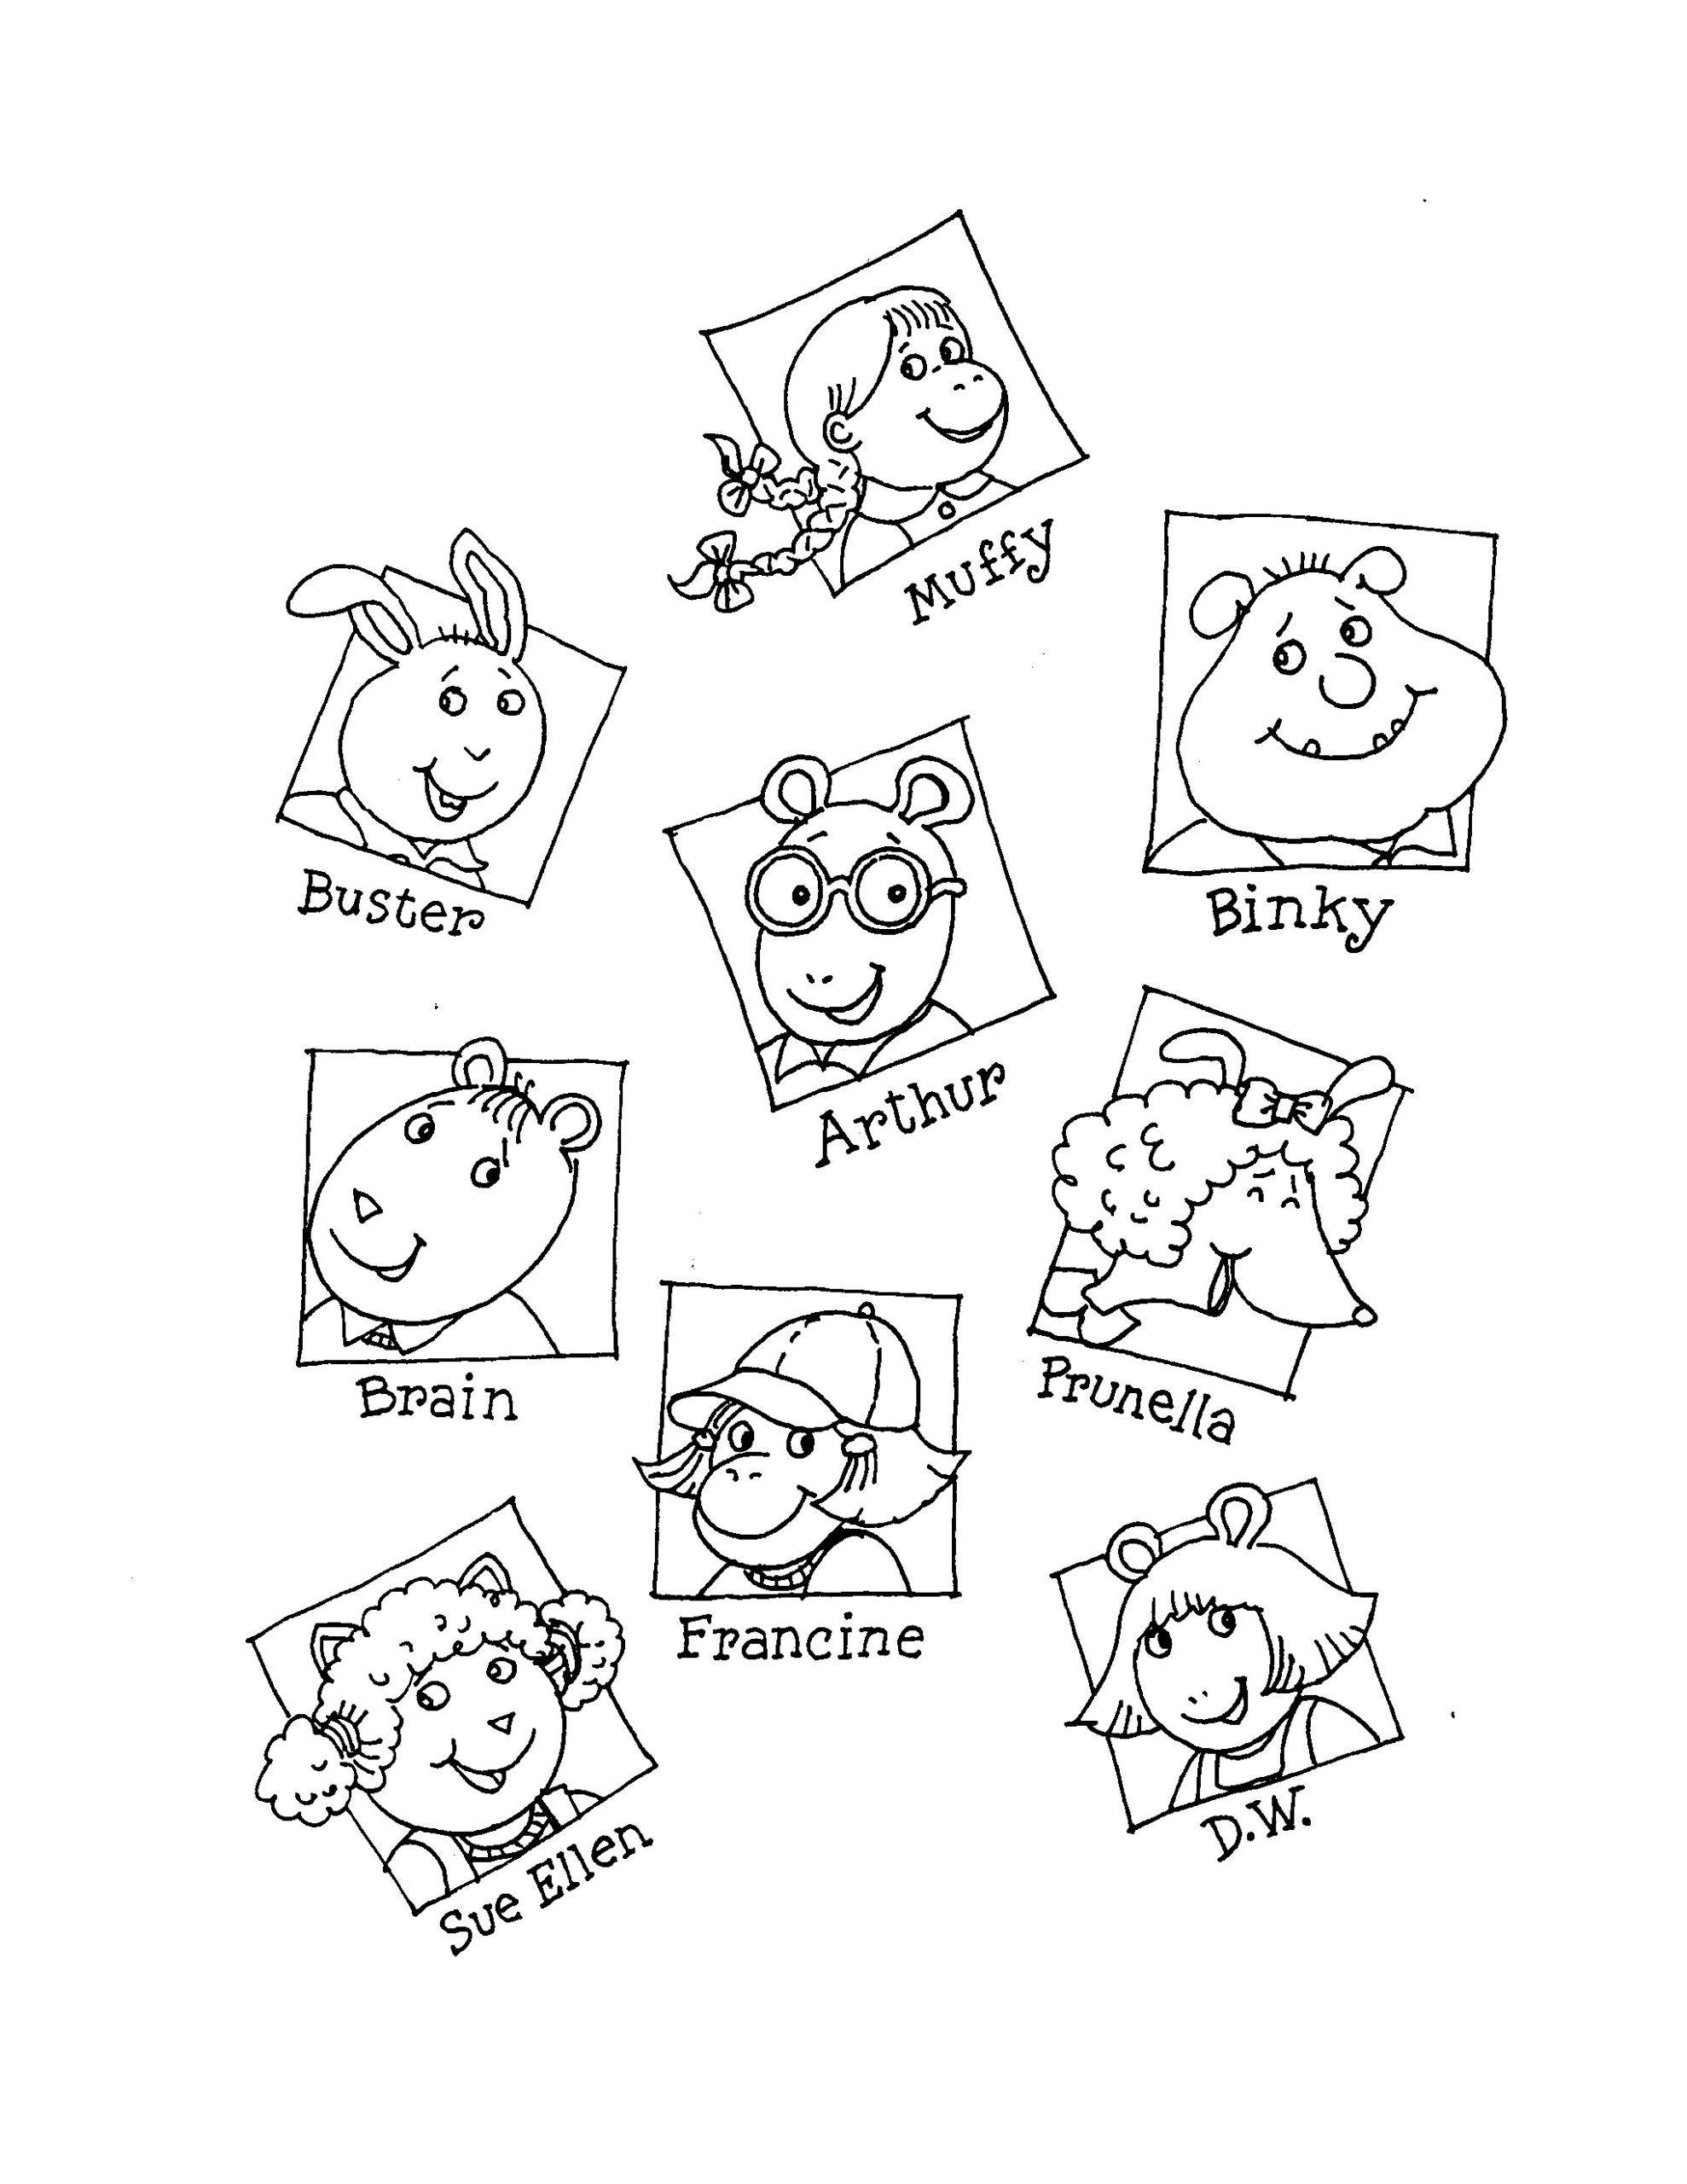 Sequence Of Events Kindergarten Worksheet Kindergarten Worksheets Printable Sequencing Worksheets Kindergarten Worksheets